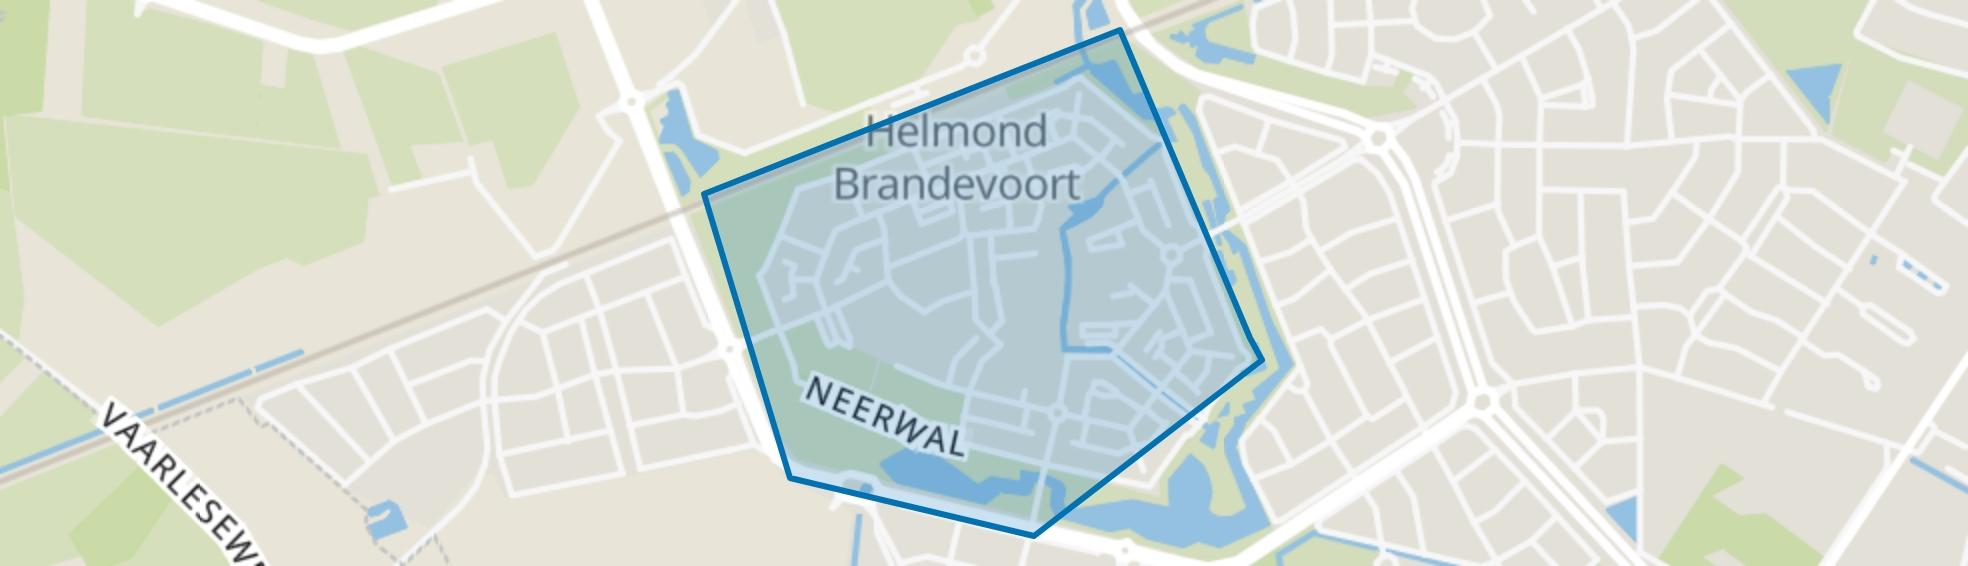 De Veste, Helmond map